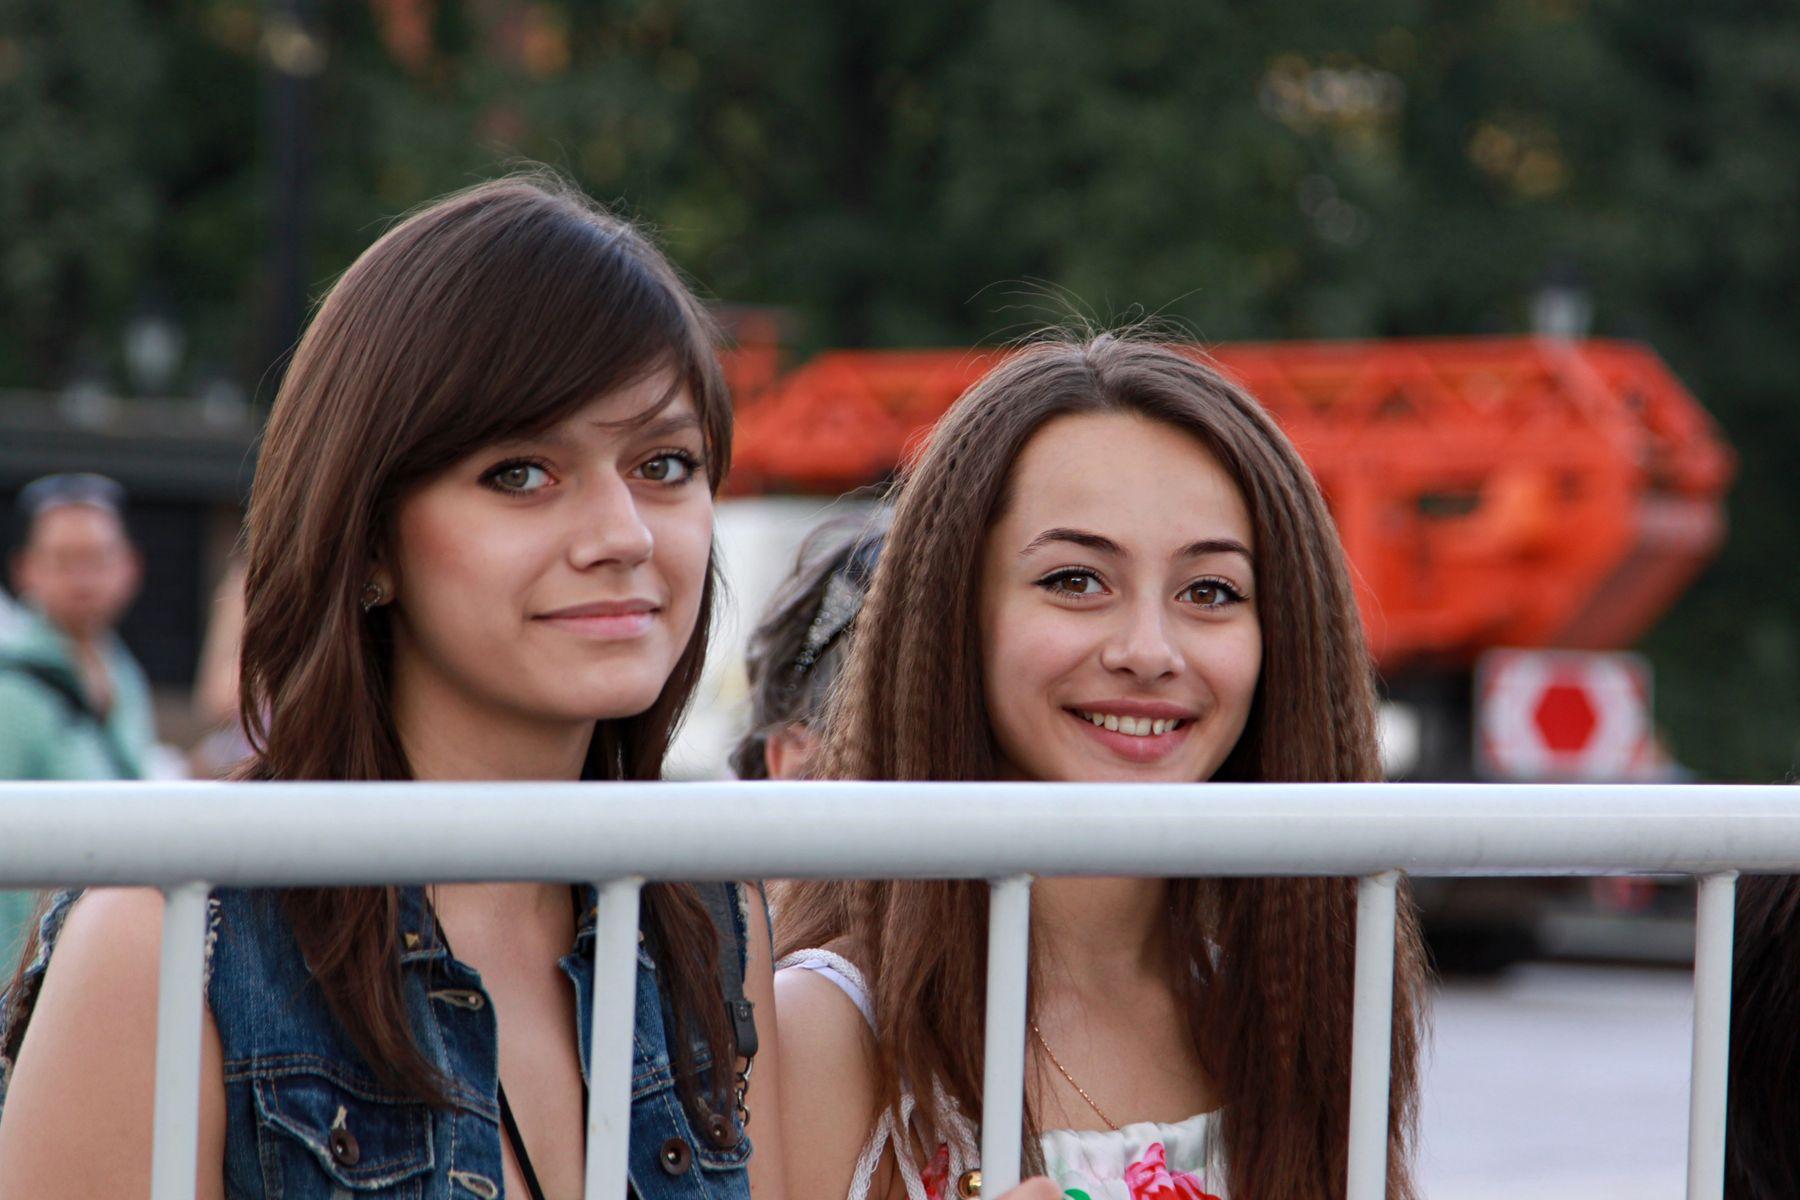 Подруги люди лица город прохожие уличный портрет стрит девушки красавицы